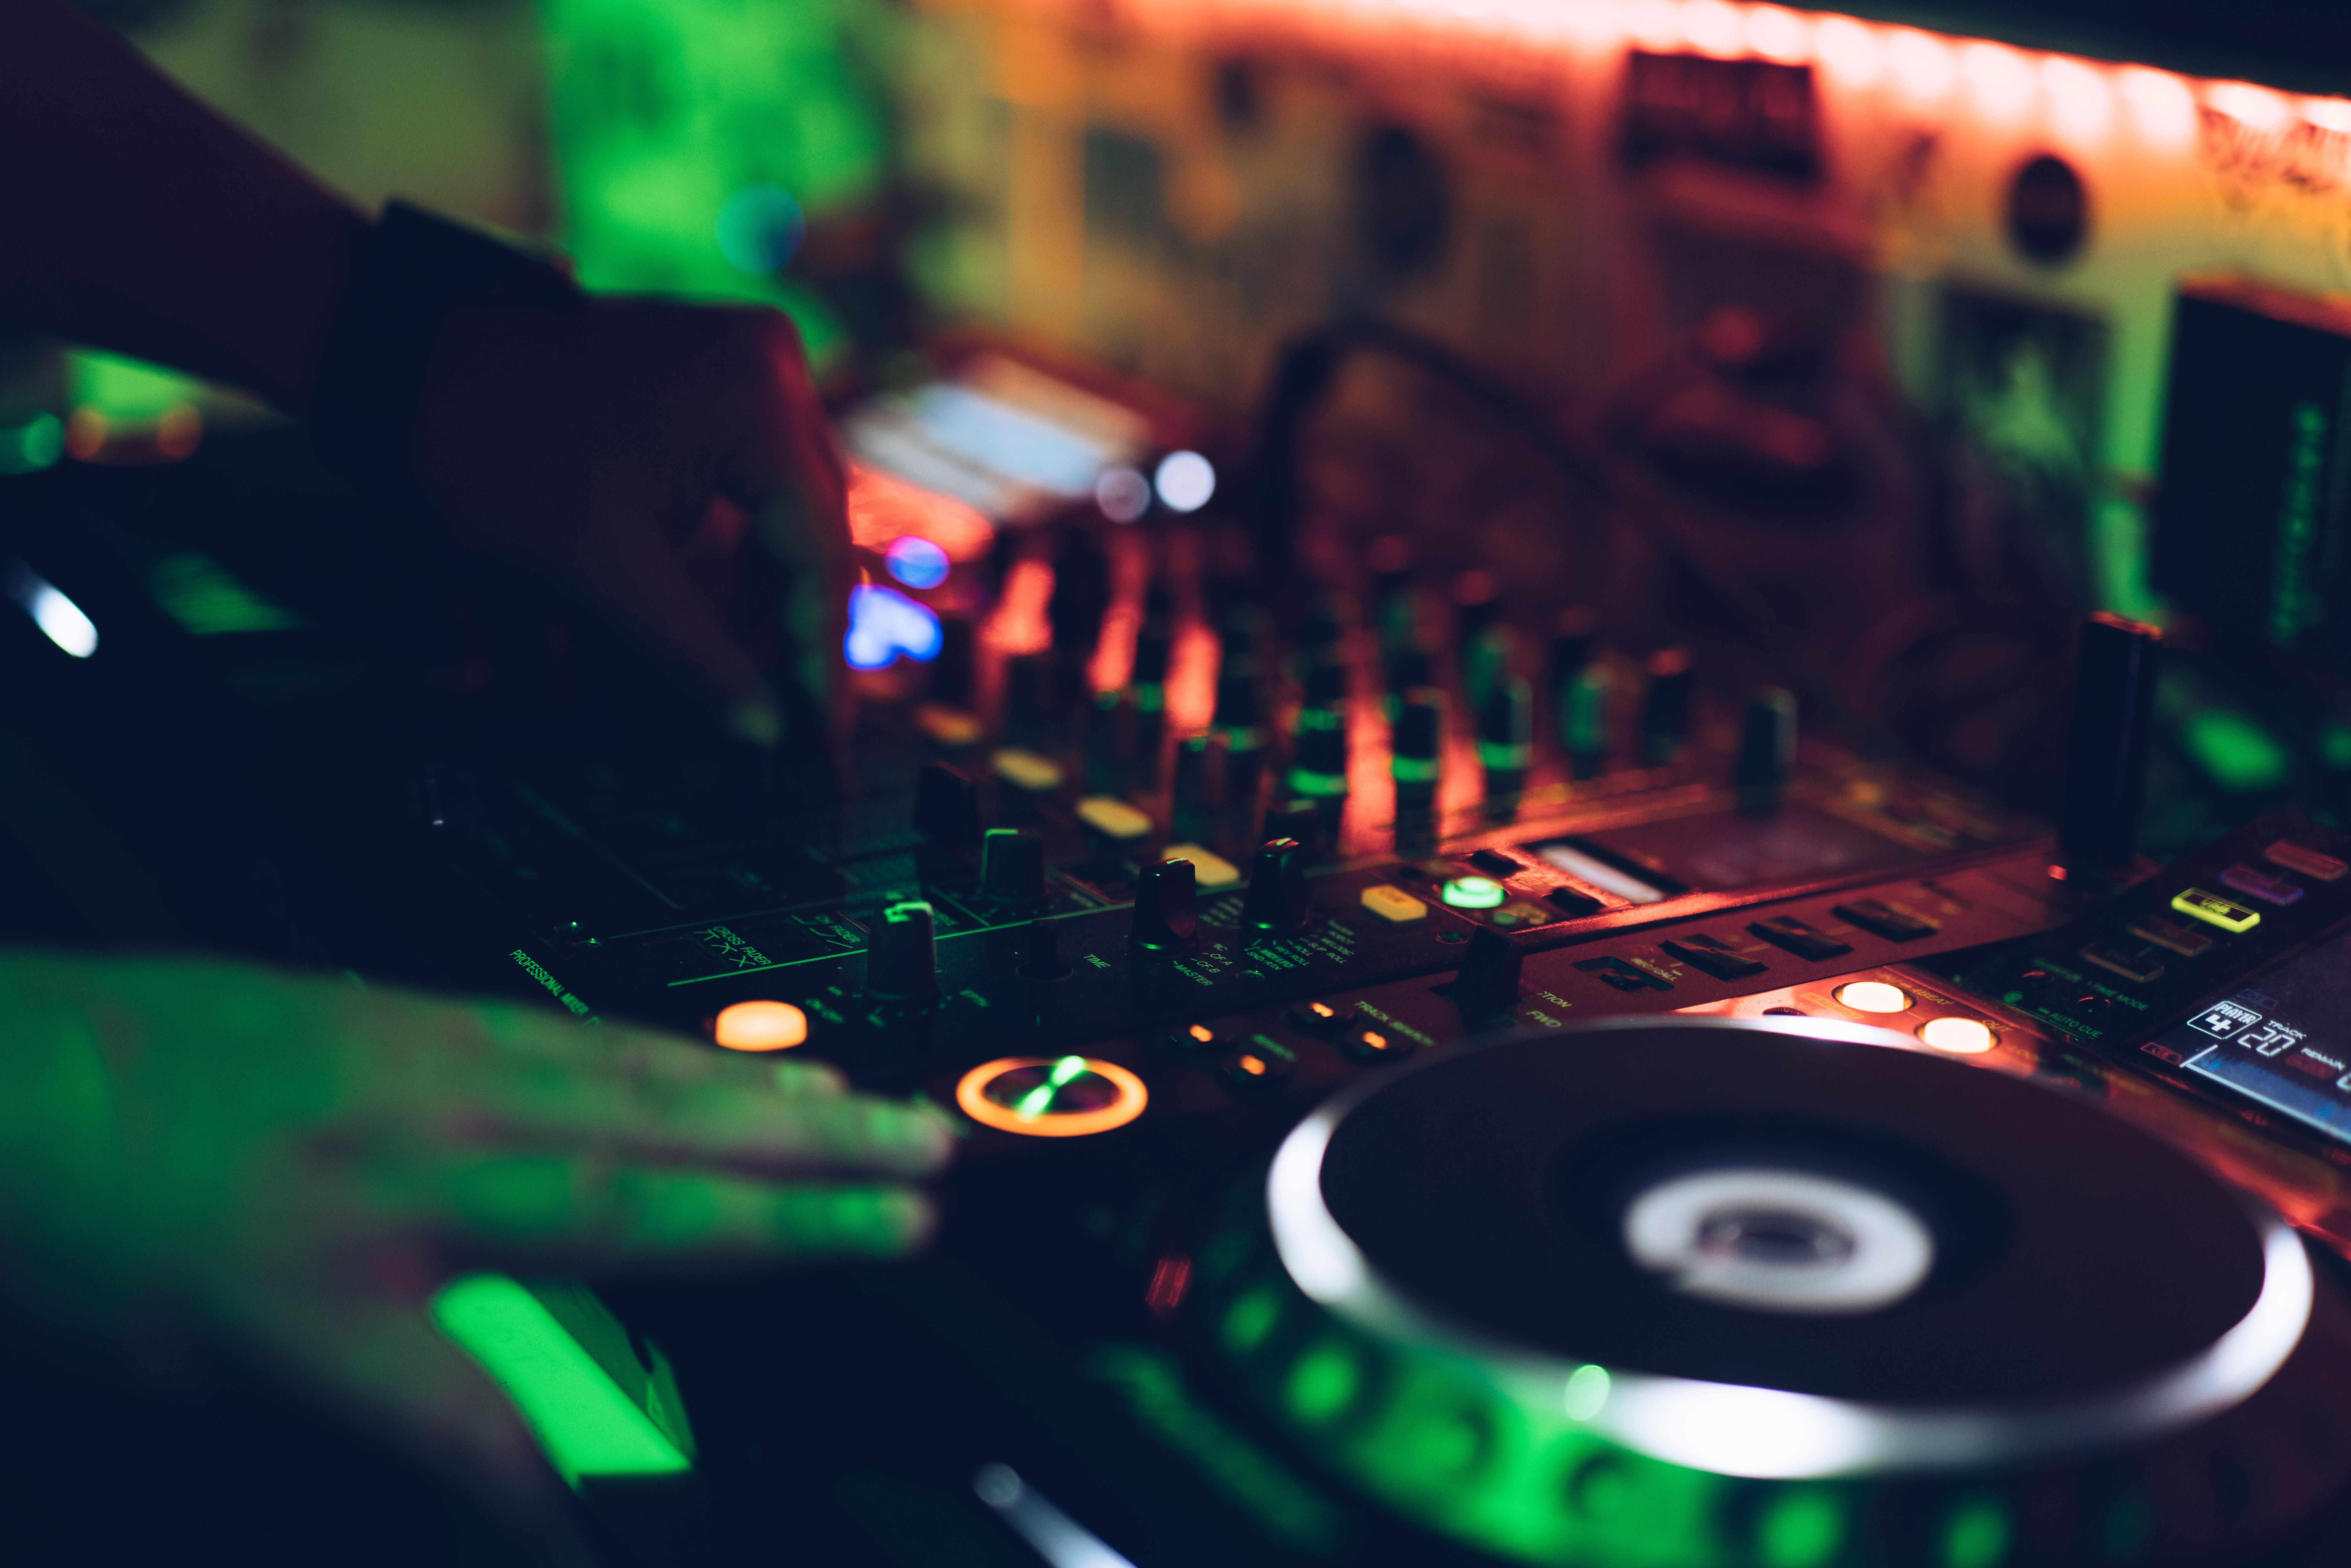 DJ Furax - Unsplash - Krys Amon